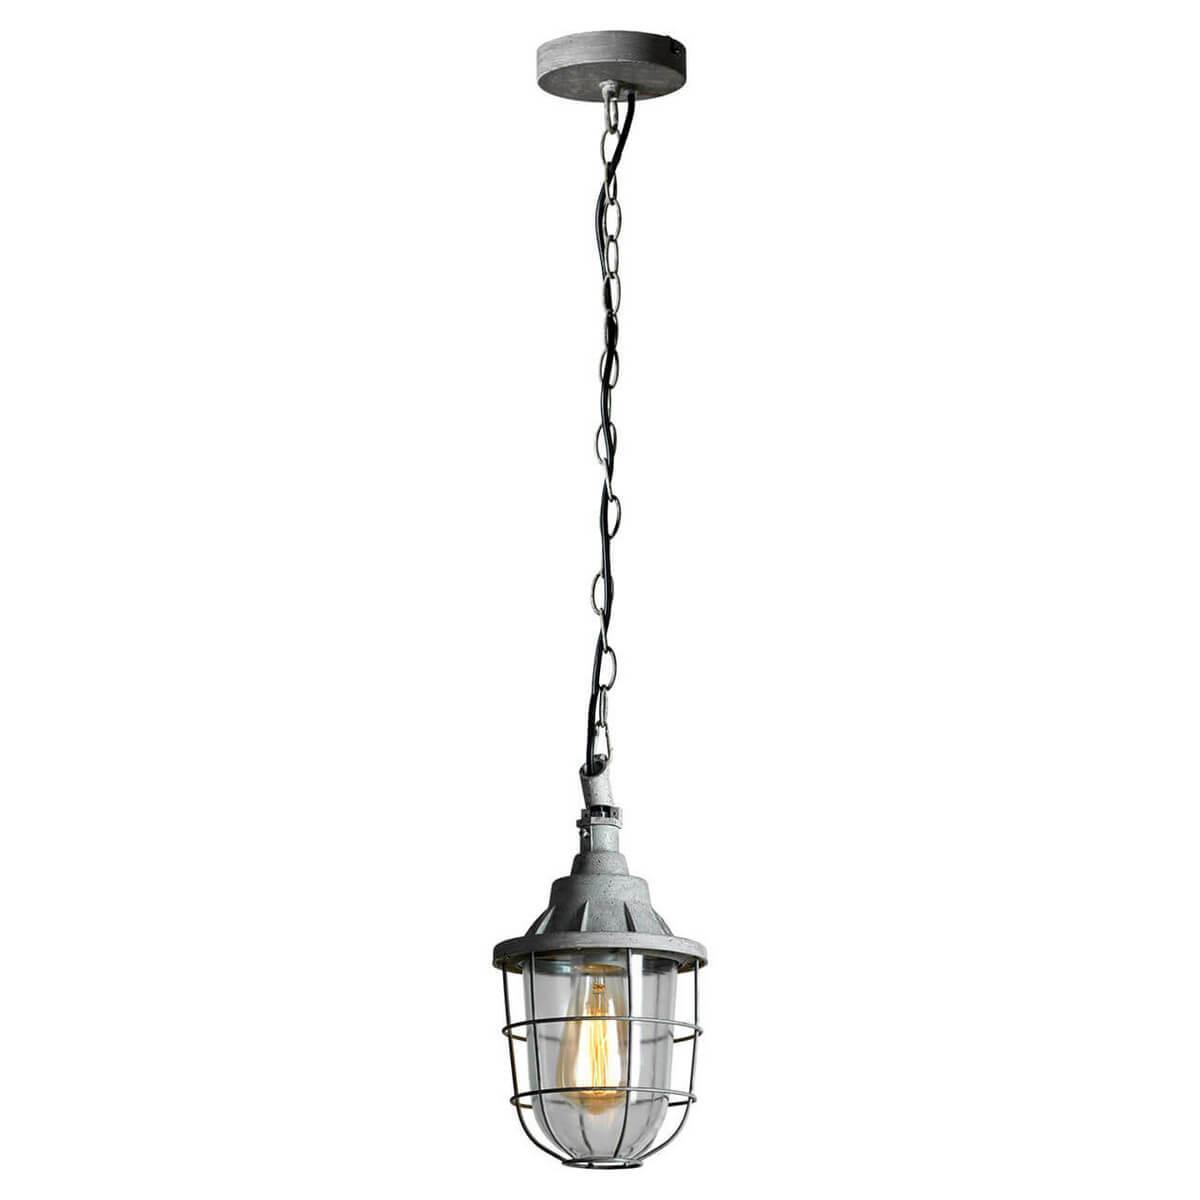 Фото - Подвесной светильник Lussole LOFT LSP-9524, E27, 40 Вт подвеcной светильник lussole loft lsp 9697